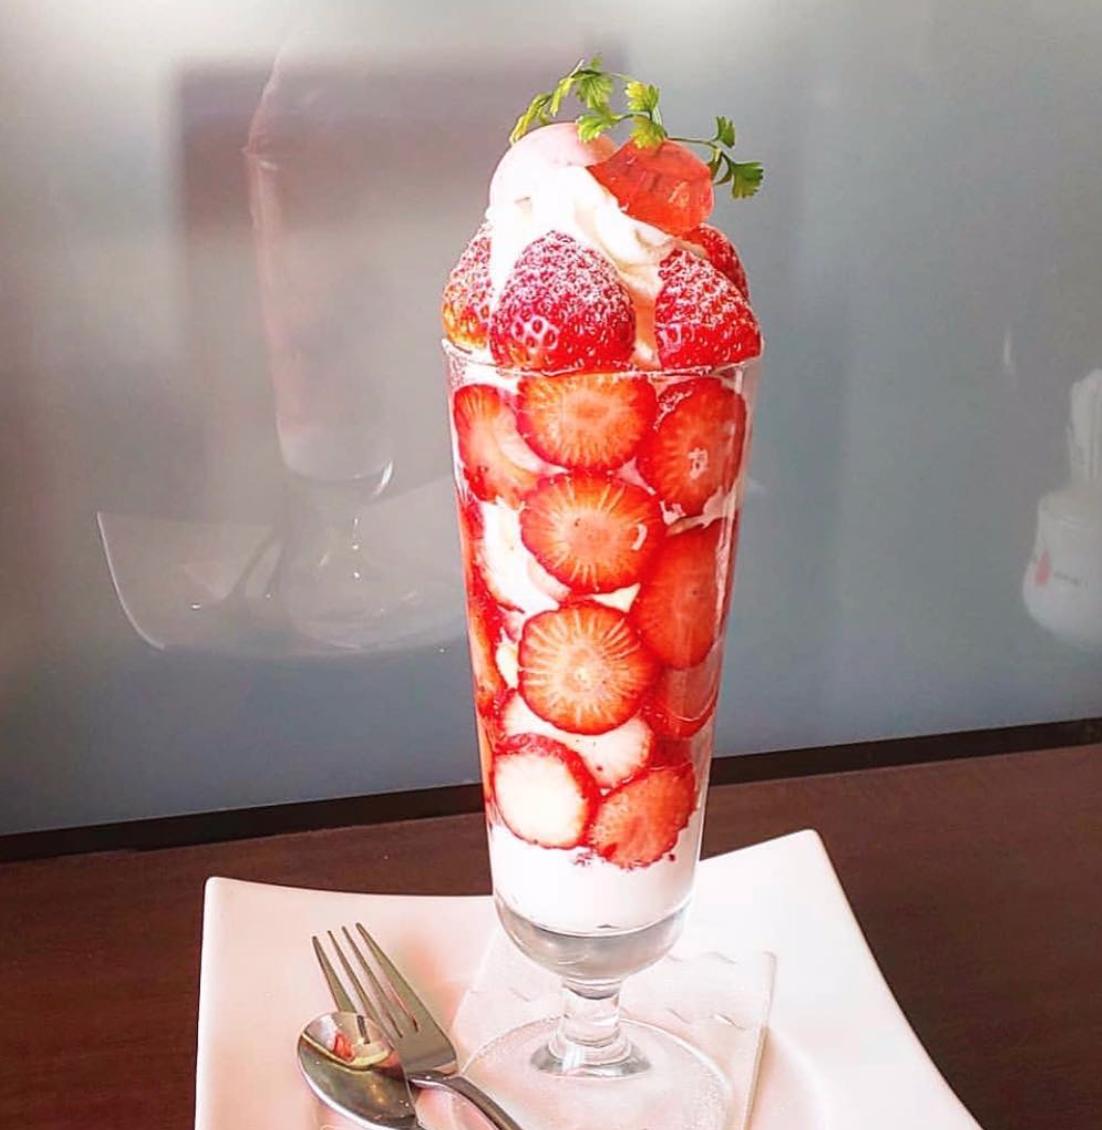 心ゆくまで苺を楽しむ。ド迫力の苺パフェ、名古屋西区の「Le Cafe Andoll」で連日完売中!